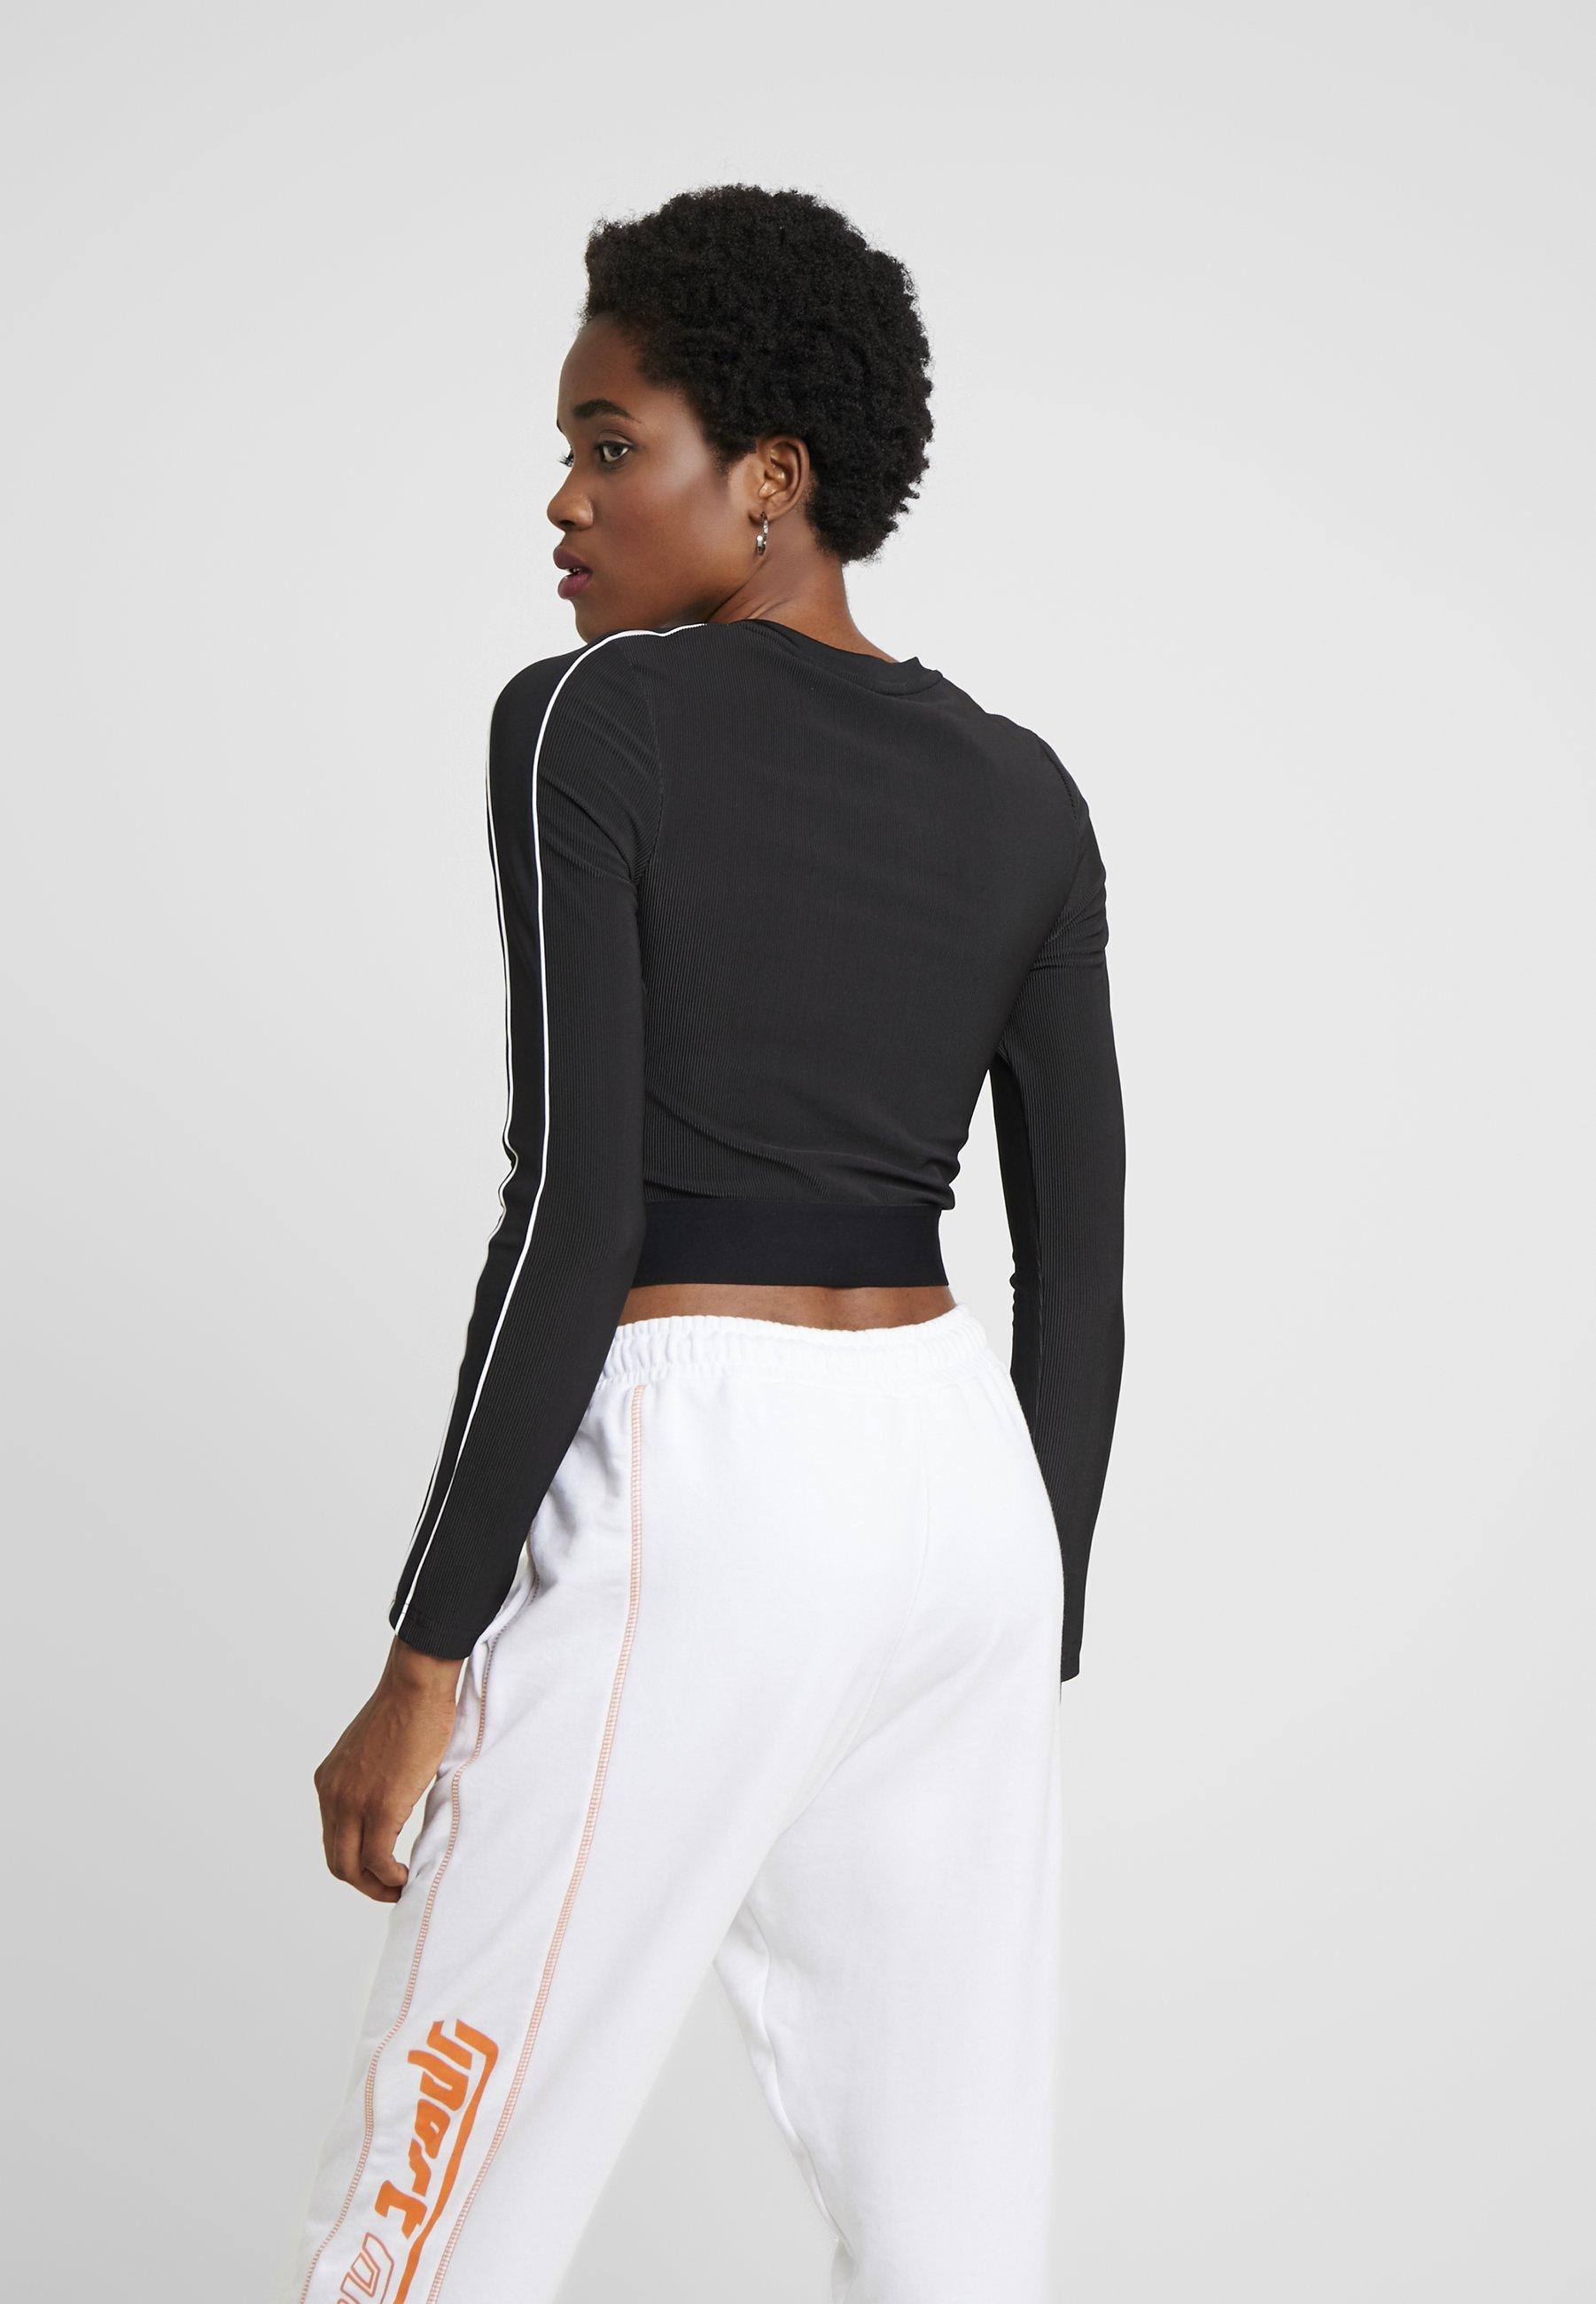 black Puma shirt à manches CLASSICST longues IyYf7g6vb